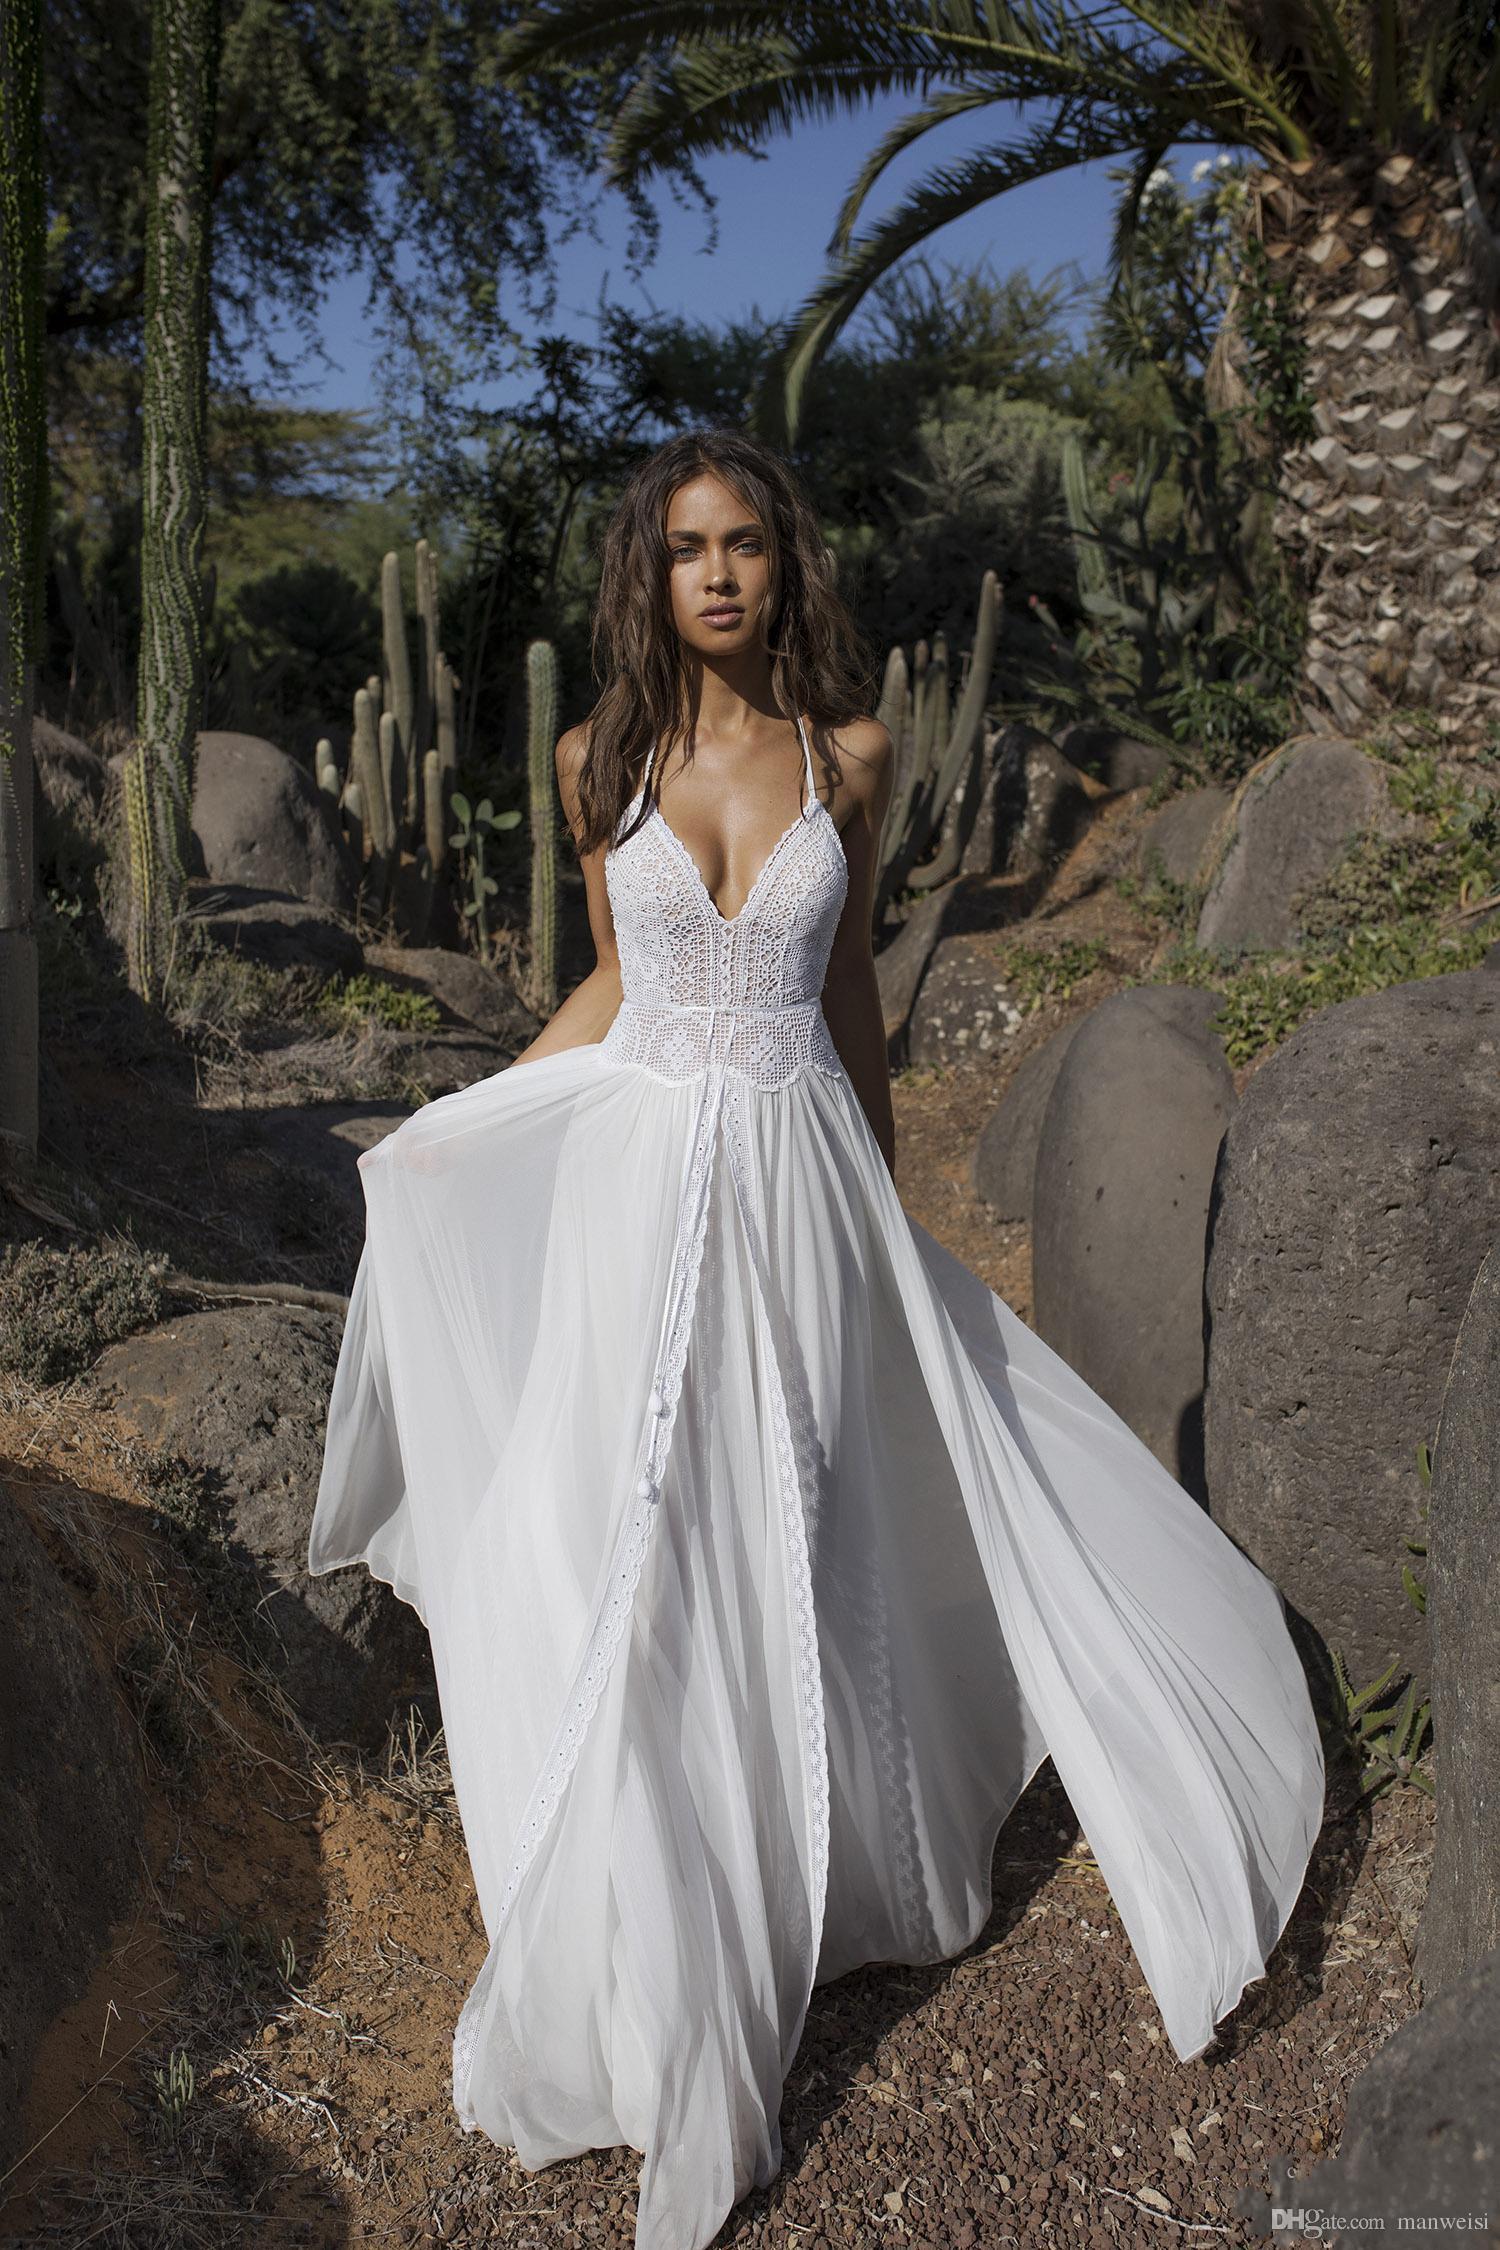 Asaf Dadush 2019 Wedding Dresses With Long Sleeve Wrap Jacket Vintage Crochet Lace Fairy Flowy Chiffon Beach Boho Bridal Wedding Gowns